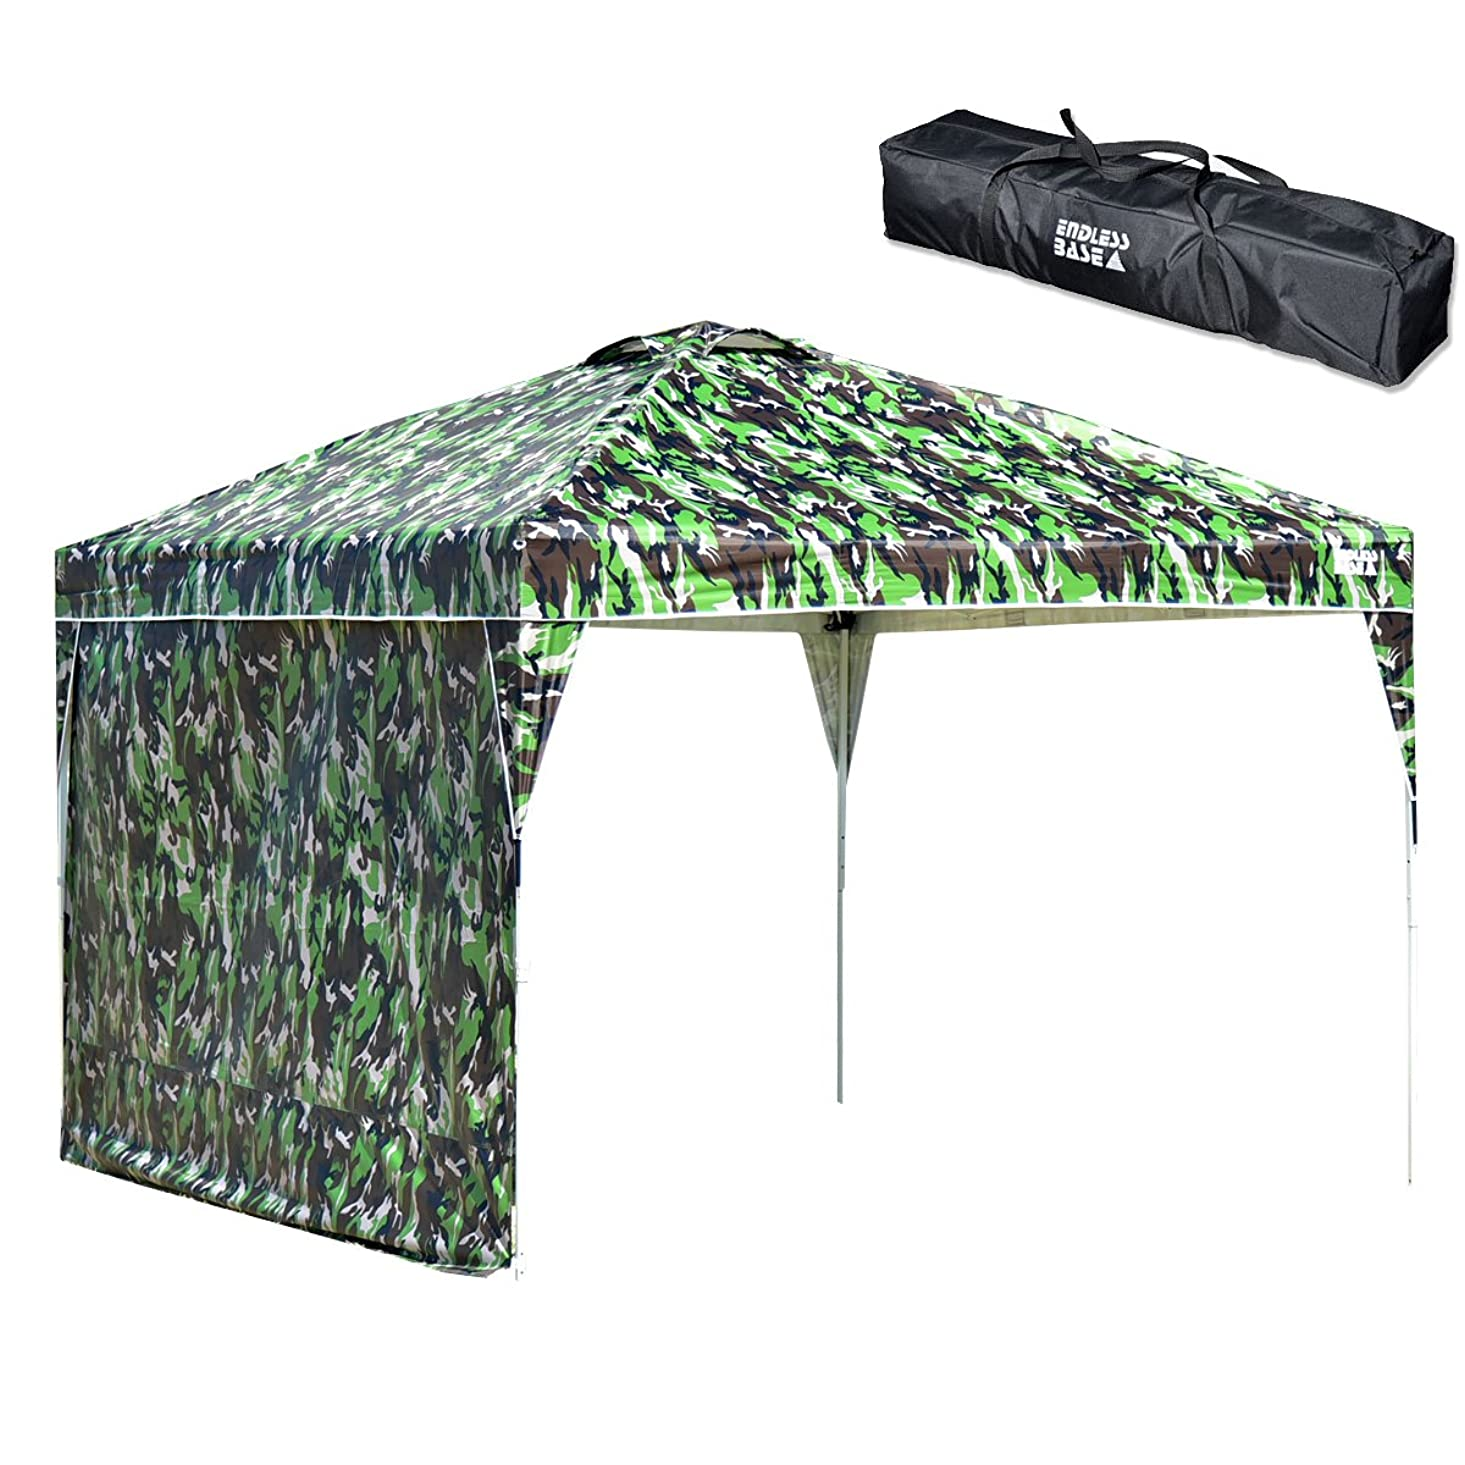 食事ハグ永遠のキャプテンスタッグ(CAPTAIN STAG) キャンプ用品 テント タープ プレーナメッシュ タープ セット 虫よけM-3154